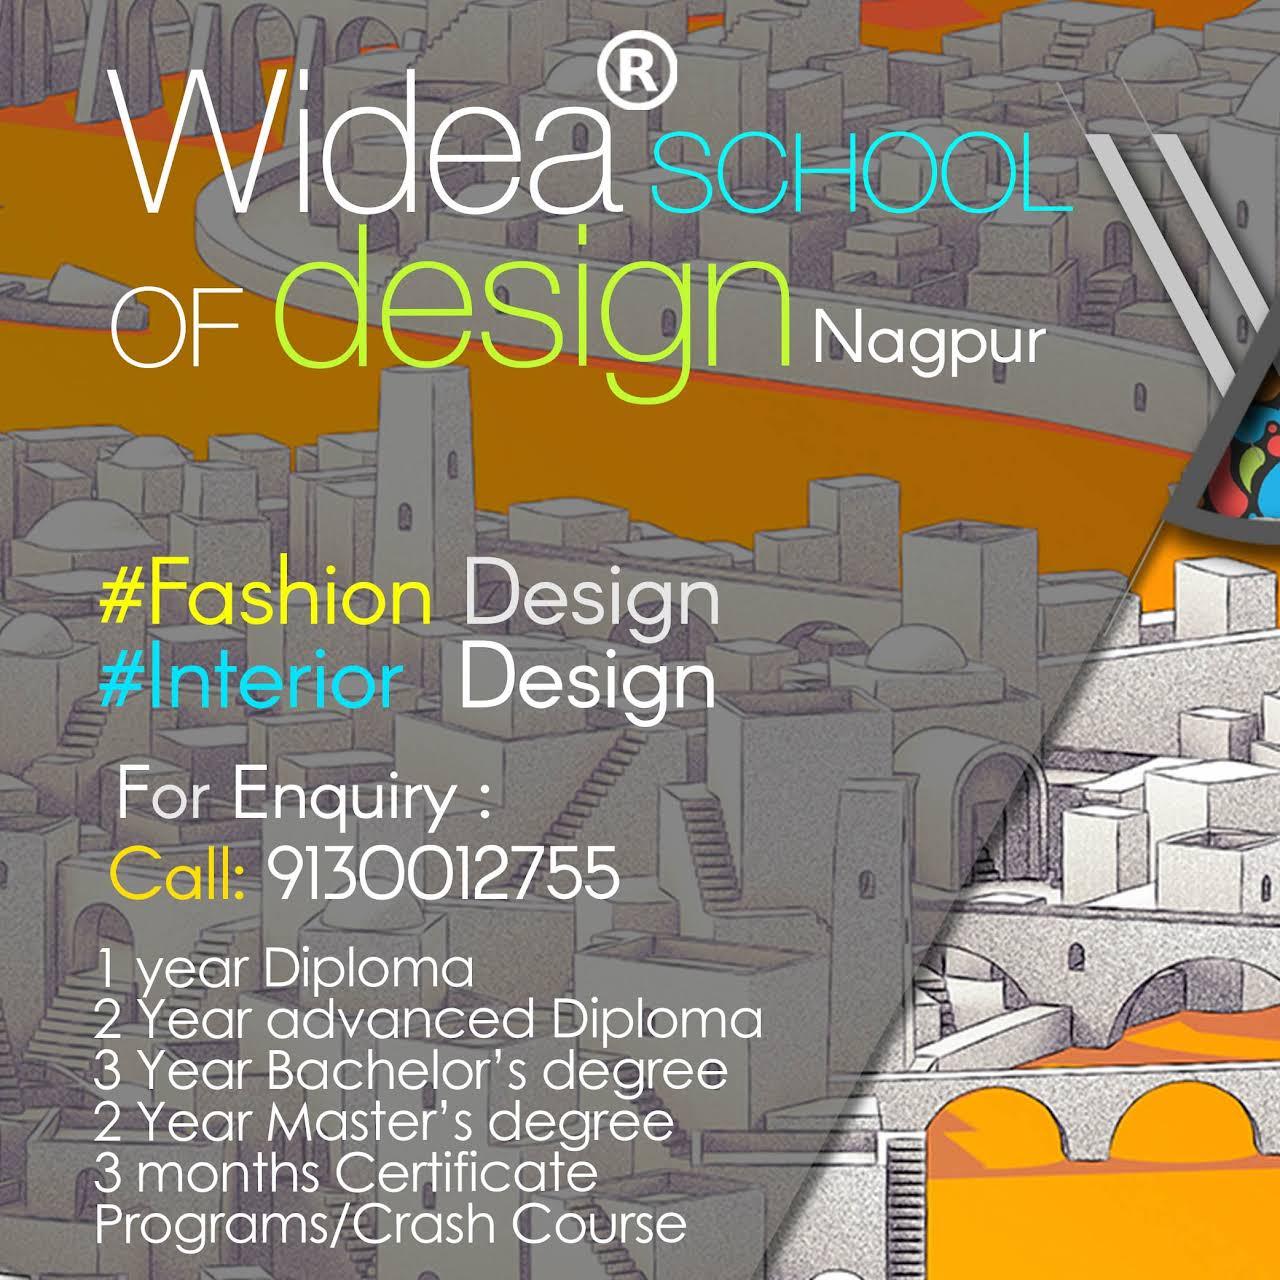 Widea School Of Design Fashion And Interior Design College Nagpur